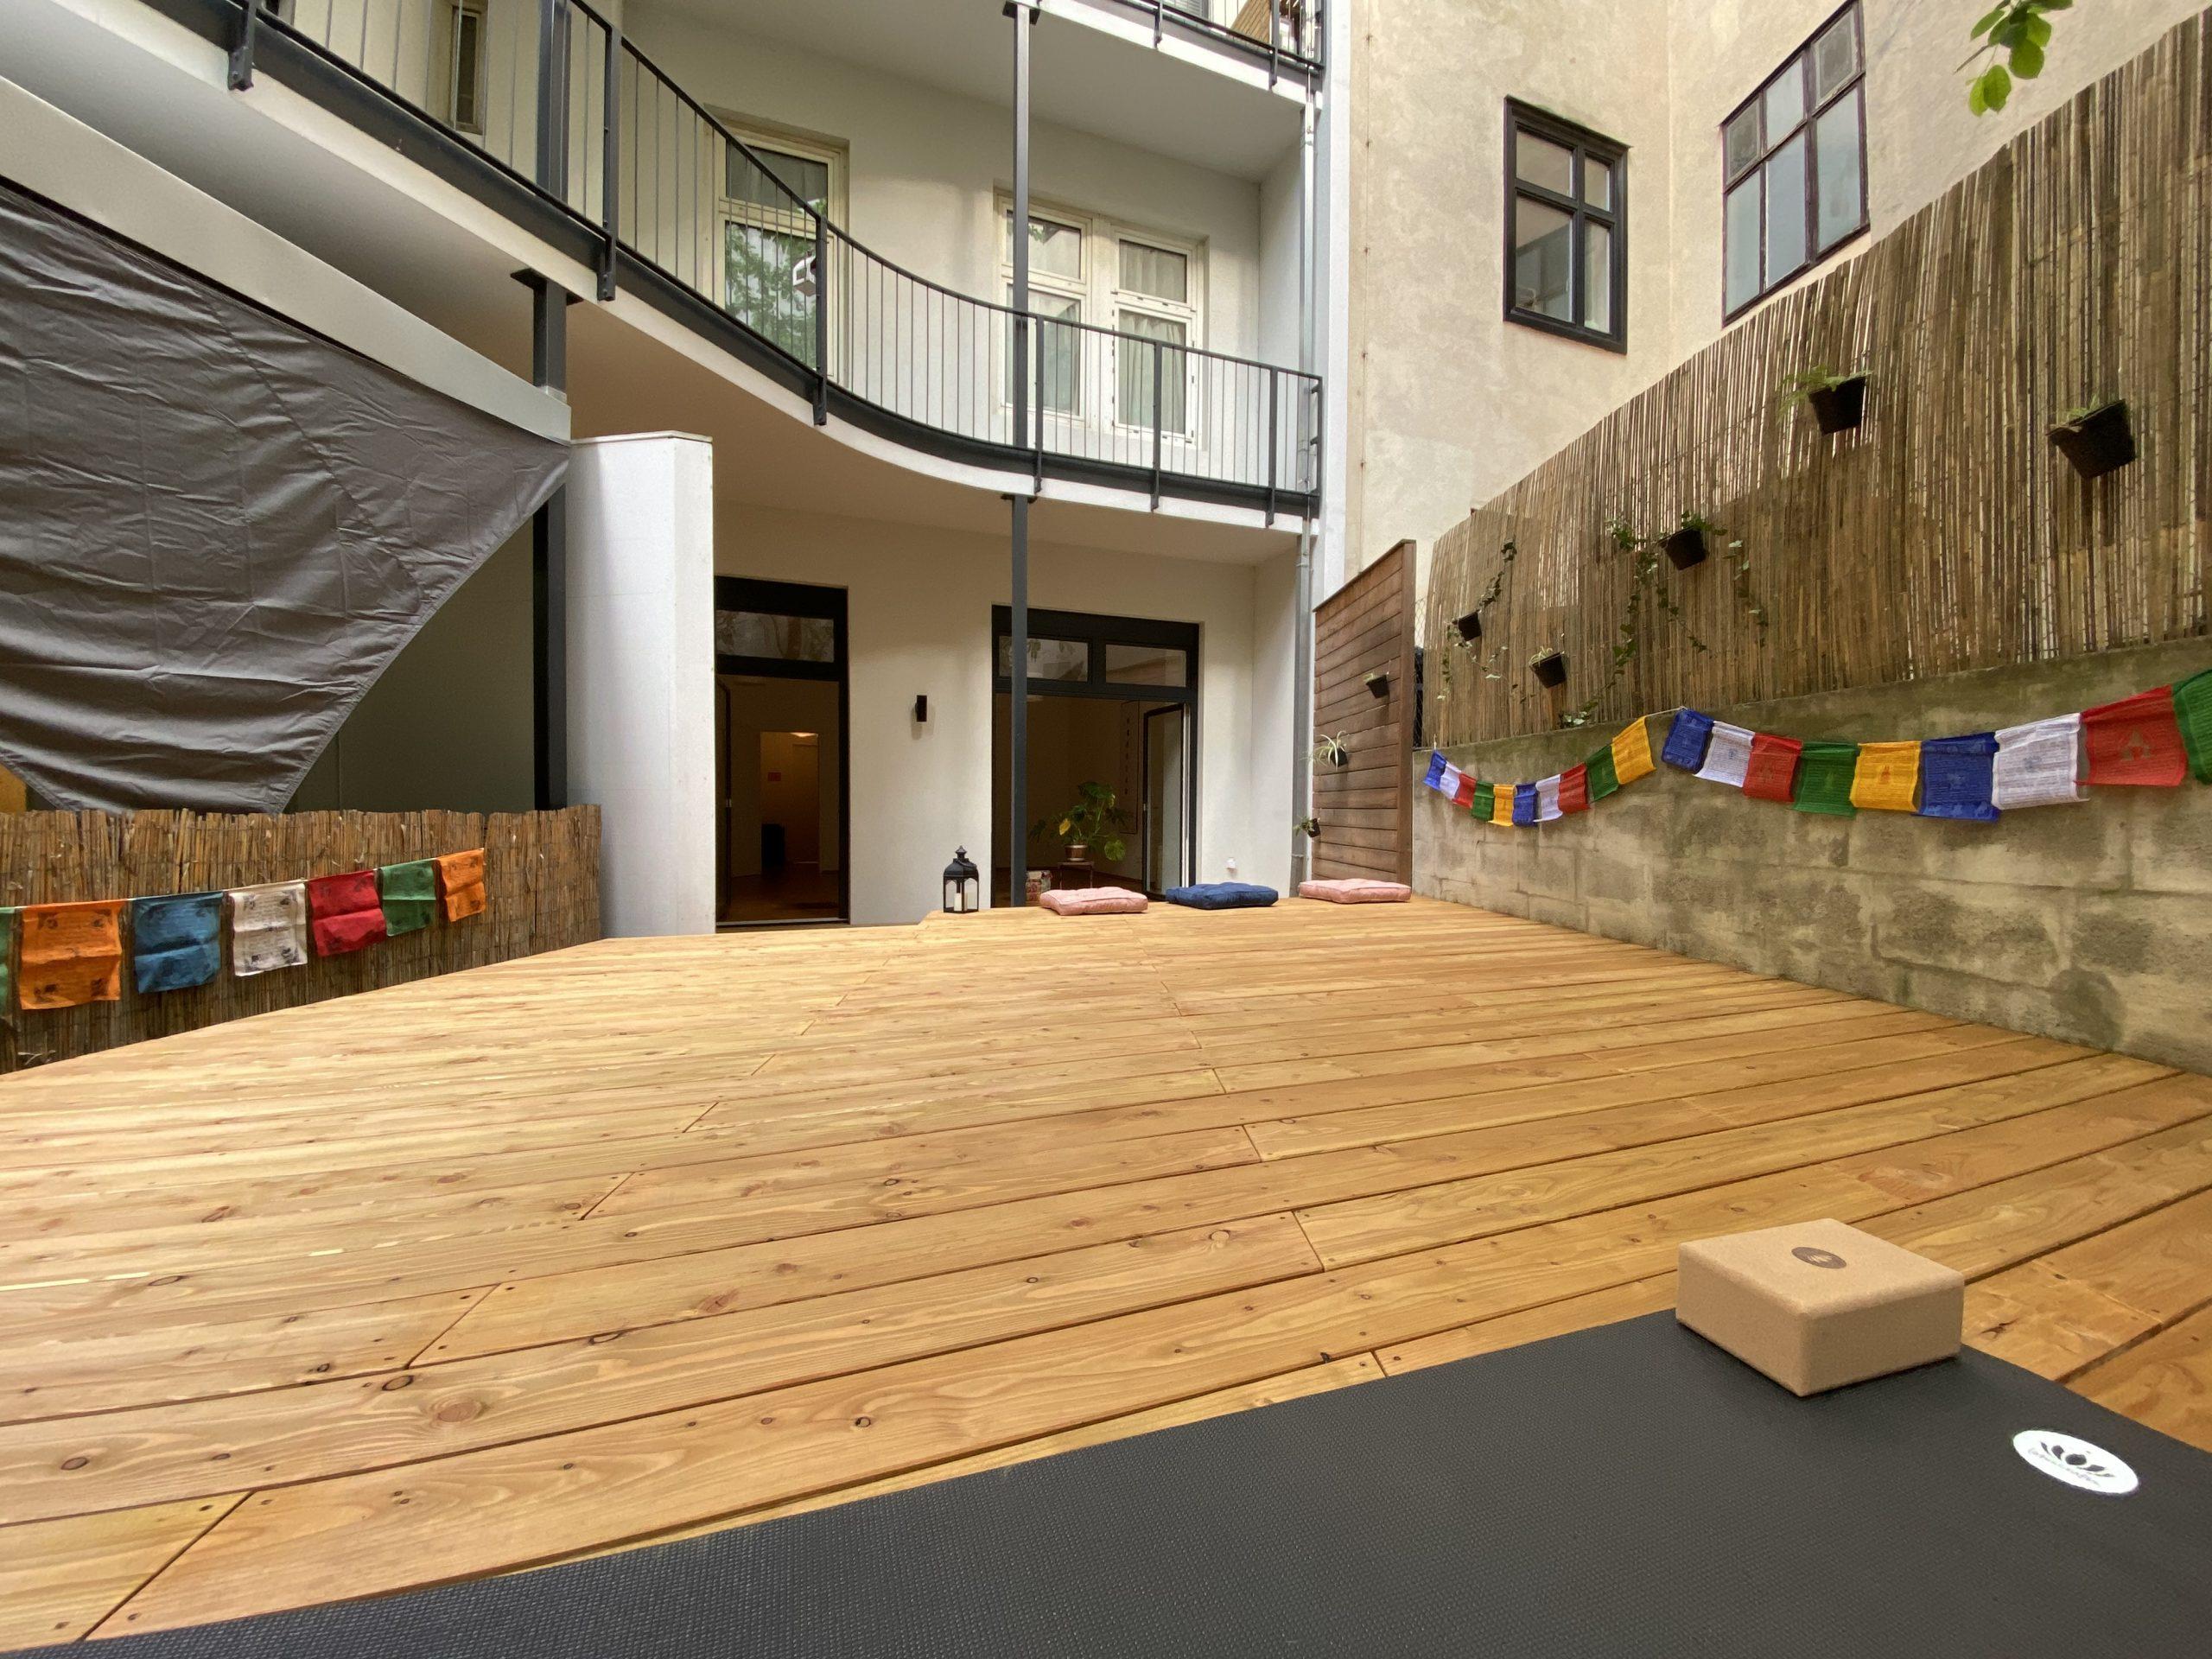 im Vordergrund ein Teil der Yogamatte mit Yogablock, Einstellung der Kamera vom Yogadeck Rictung Gebäude, man sieht das schöne neue Yogadeck, den Eingang über die Terrasse in den Yogaraum und die Dekoration an den Seiten mit den Nepalfähnchen